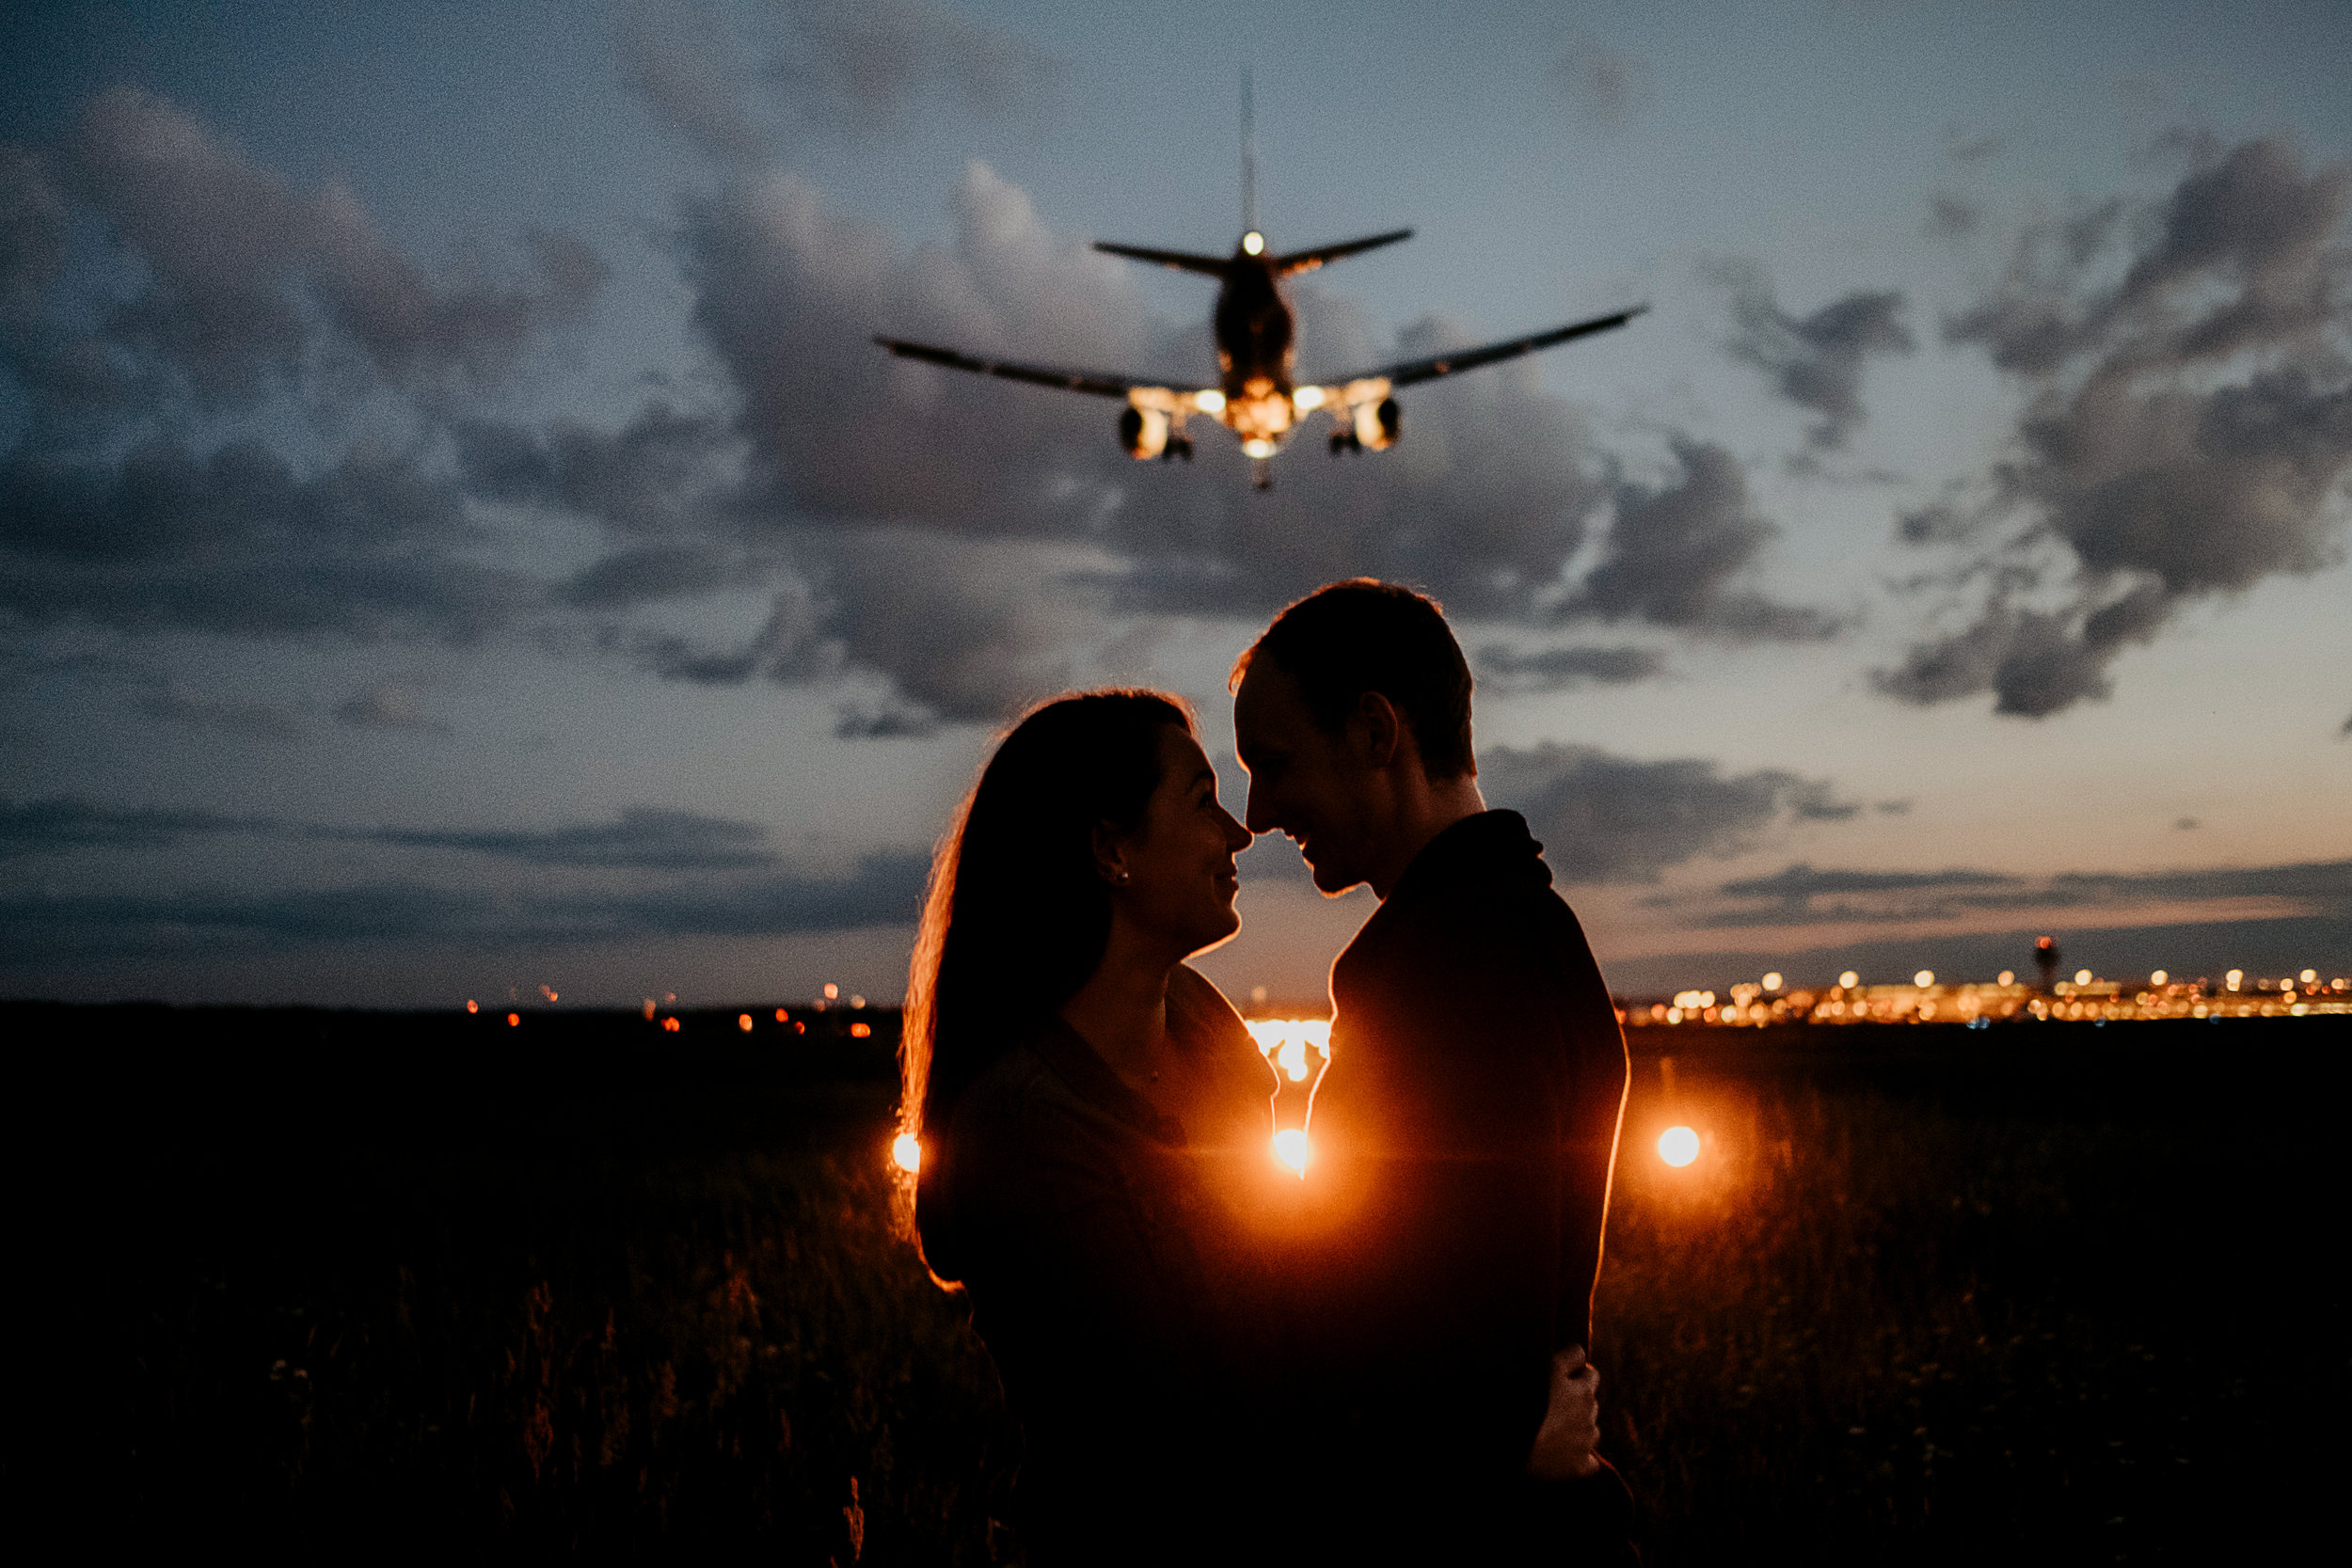 Kein Photoshop, das Flugzeug flog direkt über unsere Köpfe hinweg.